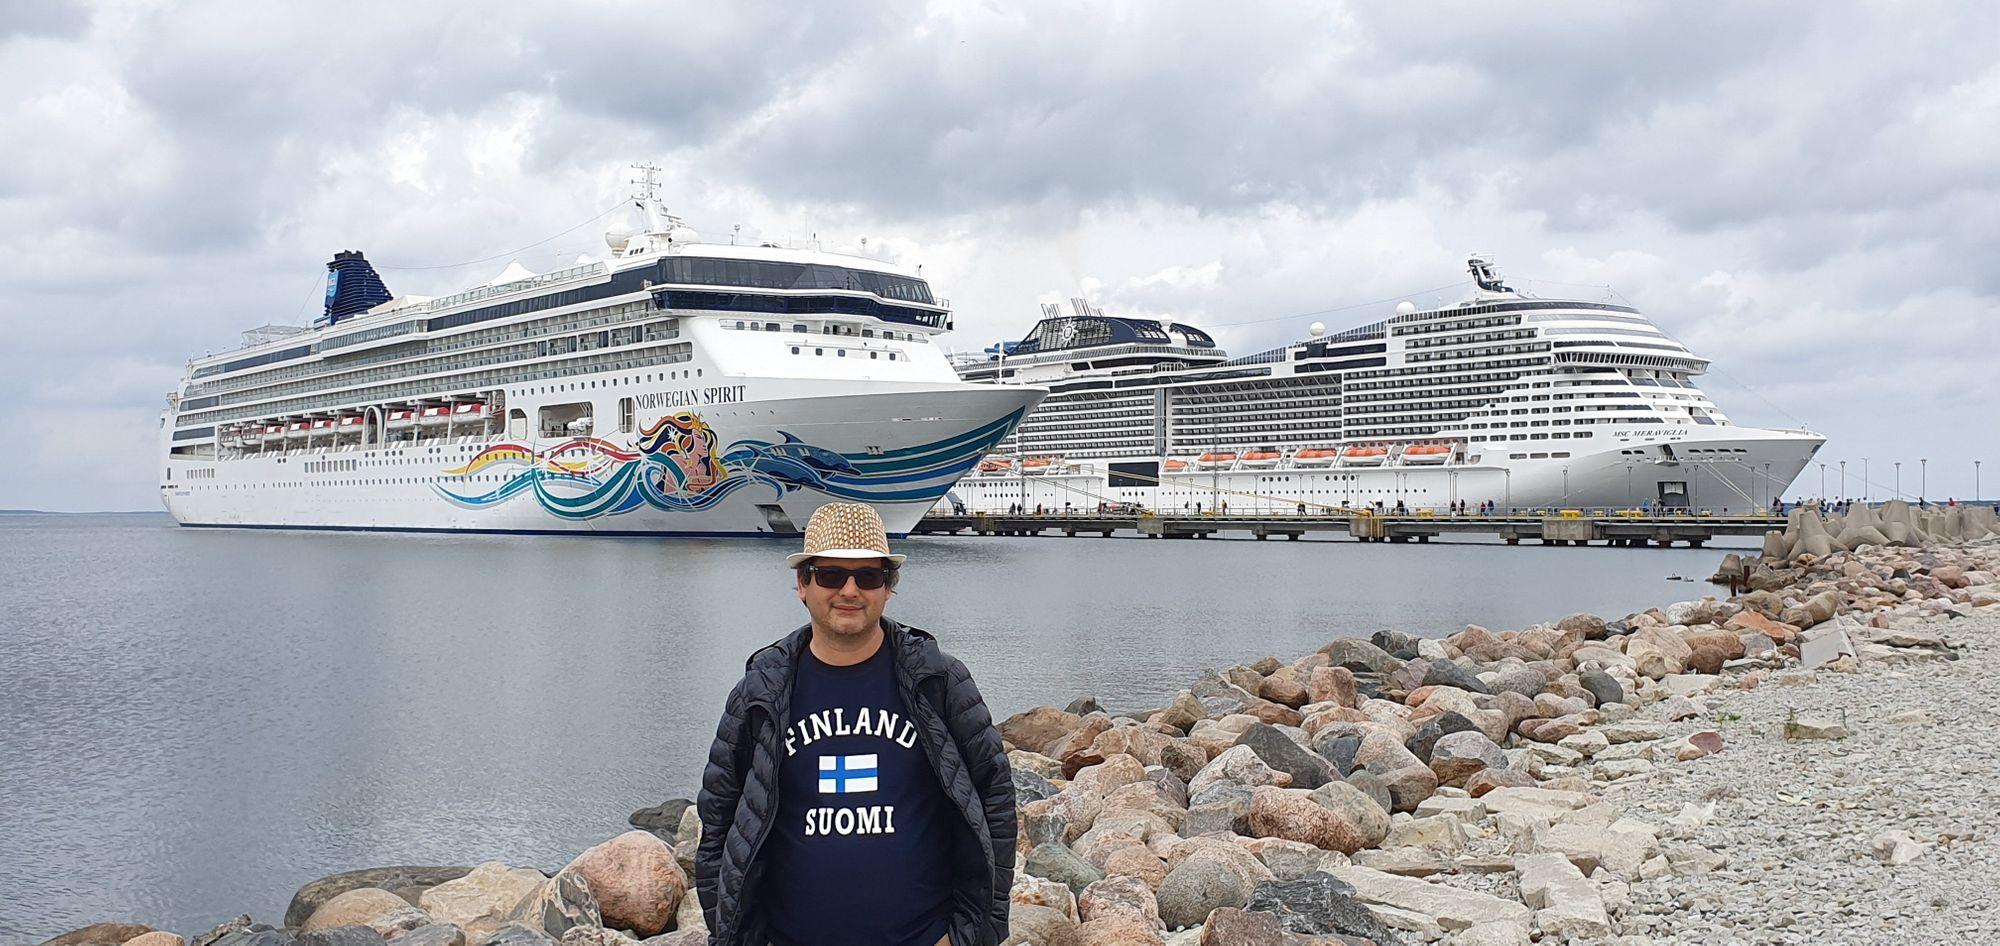 El Norwegian Spirit en el puerto de Tallinn